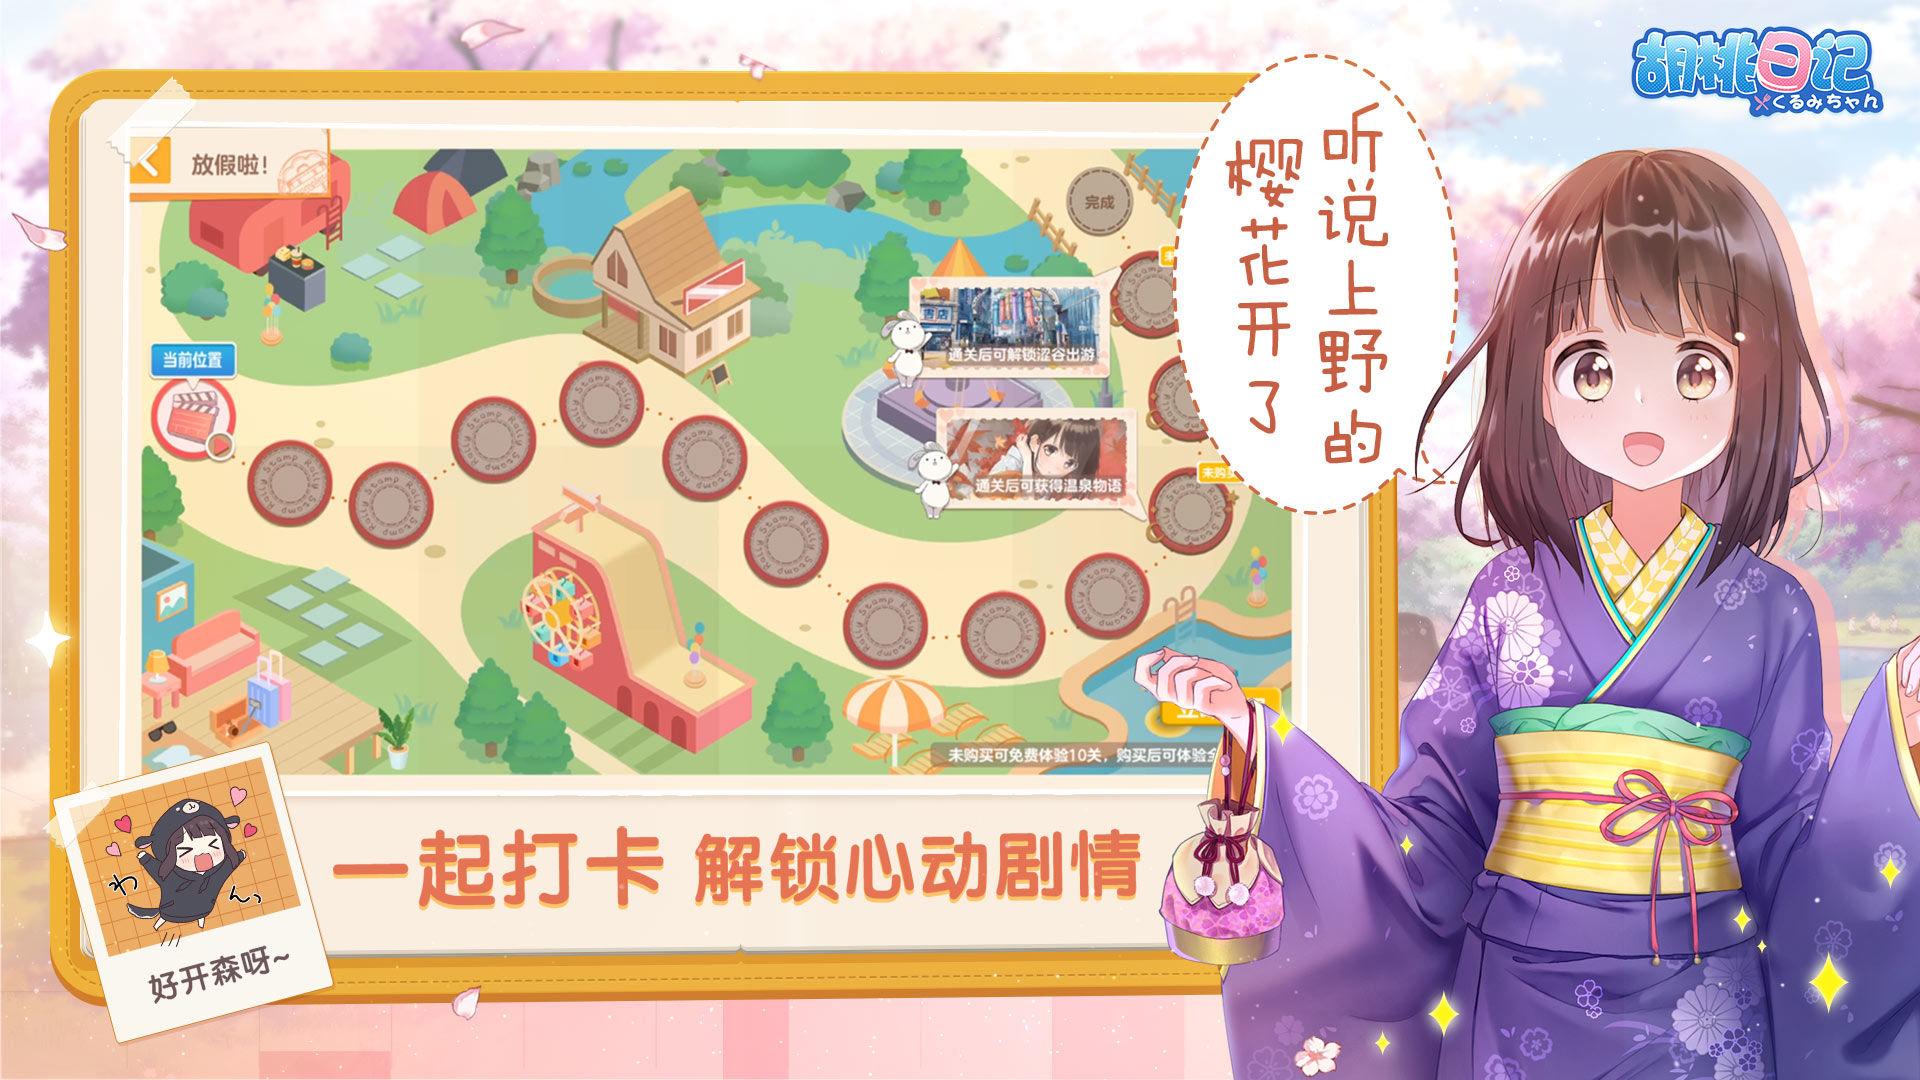 宝可梦大冒险电脑模拟器版 游戏多开及按键设置教程